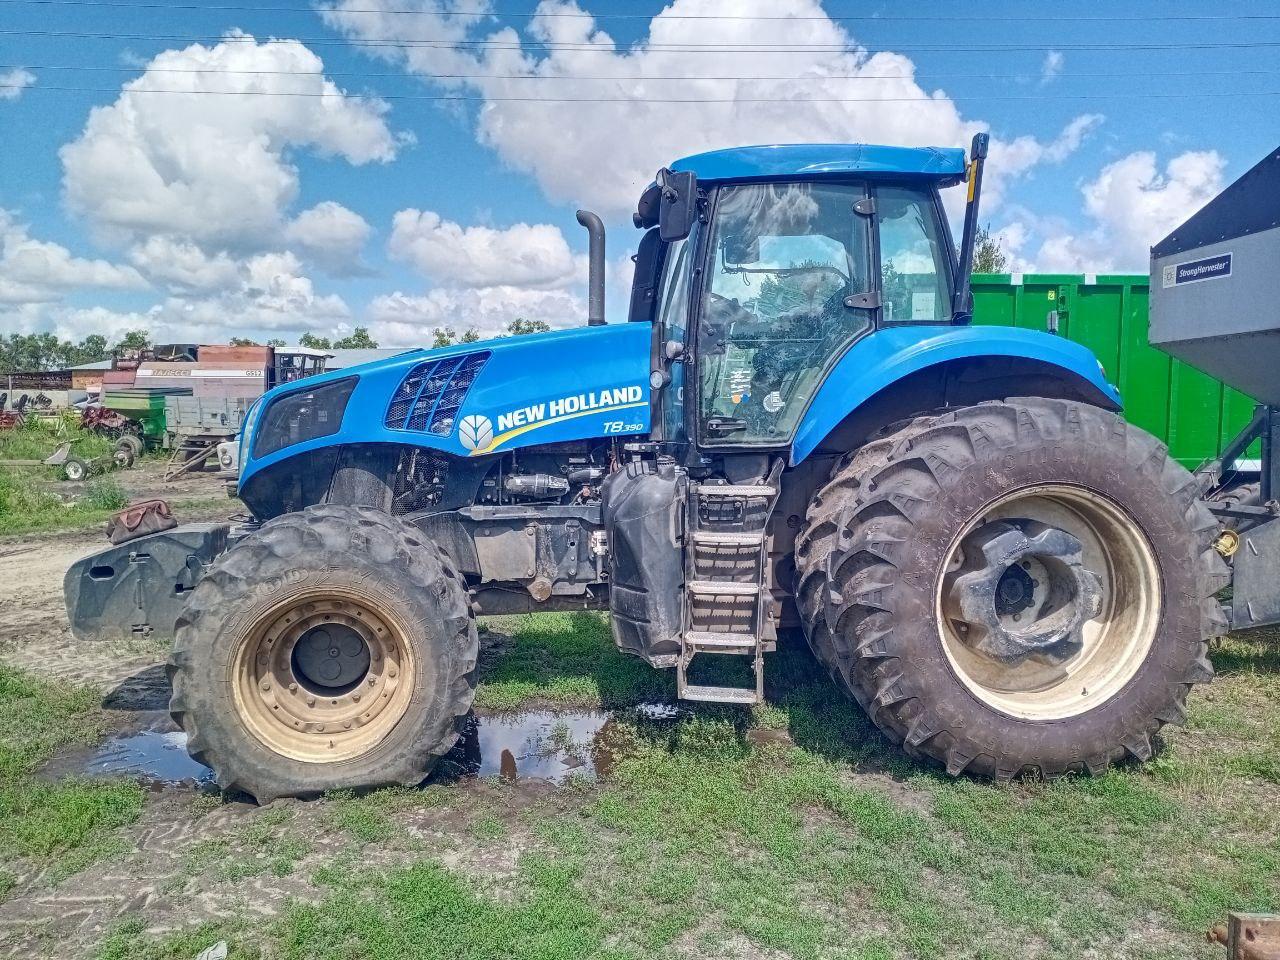 Примеры работ компании Тех Контроль - Системы GPS мониторинга сельхозтехники в Украине